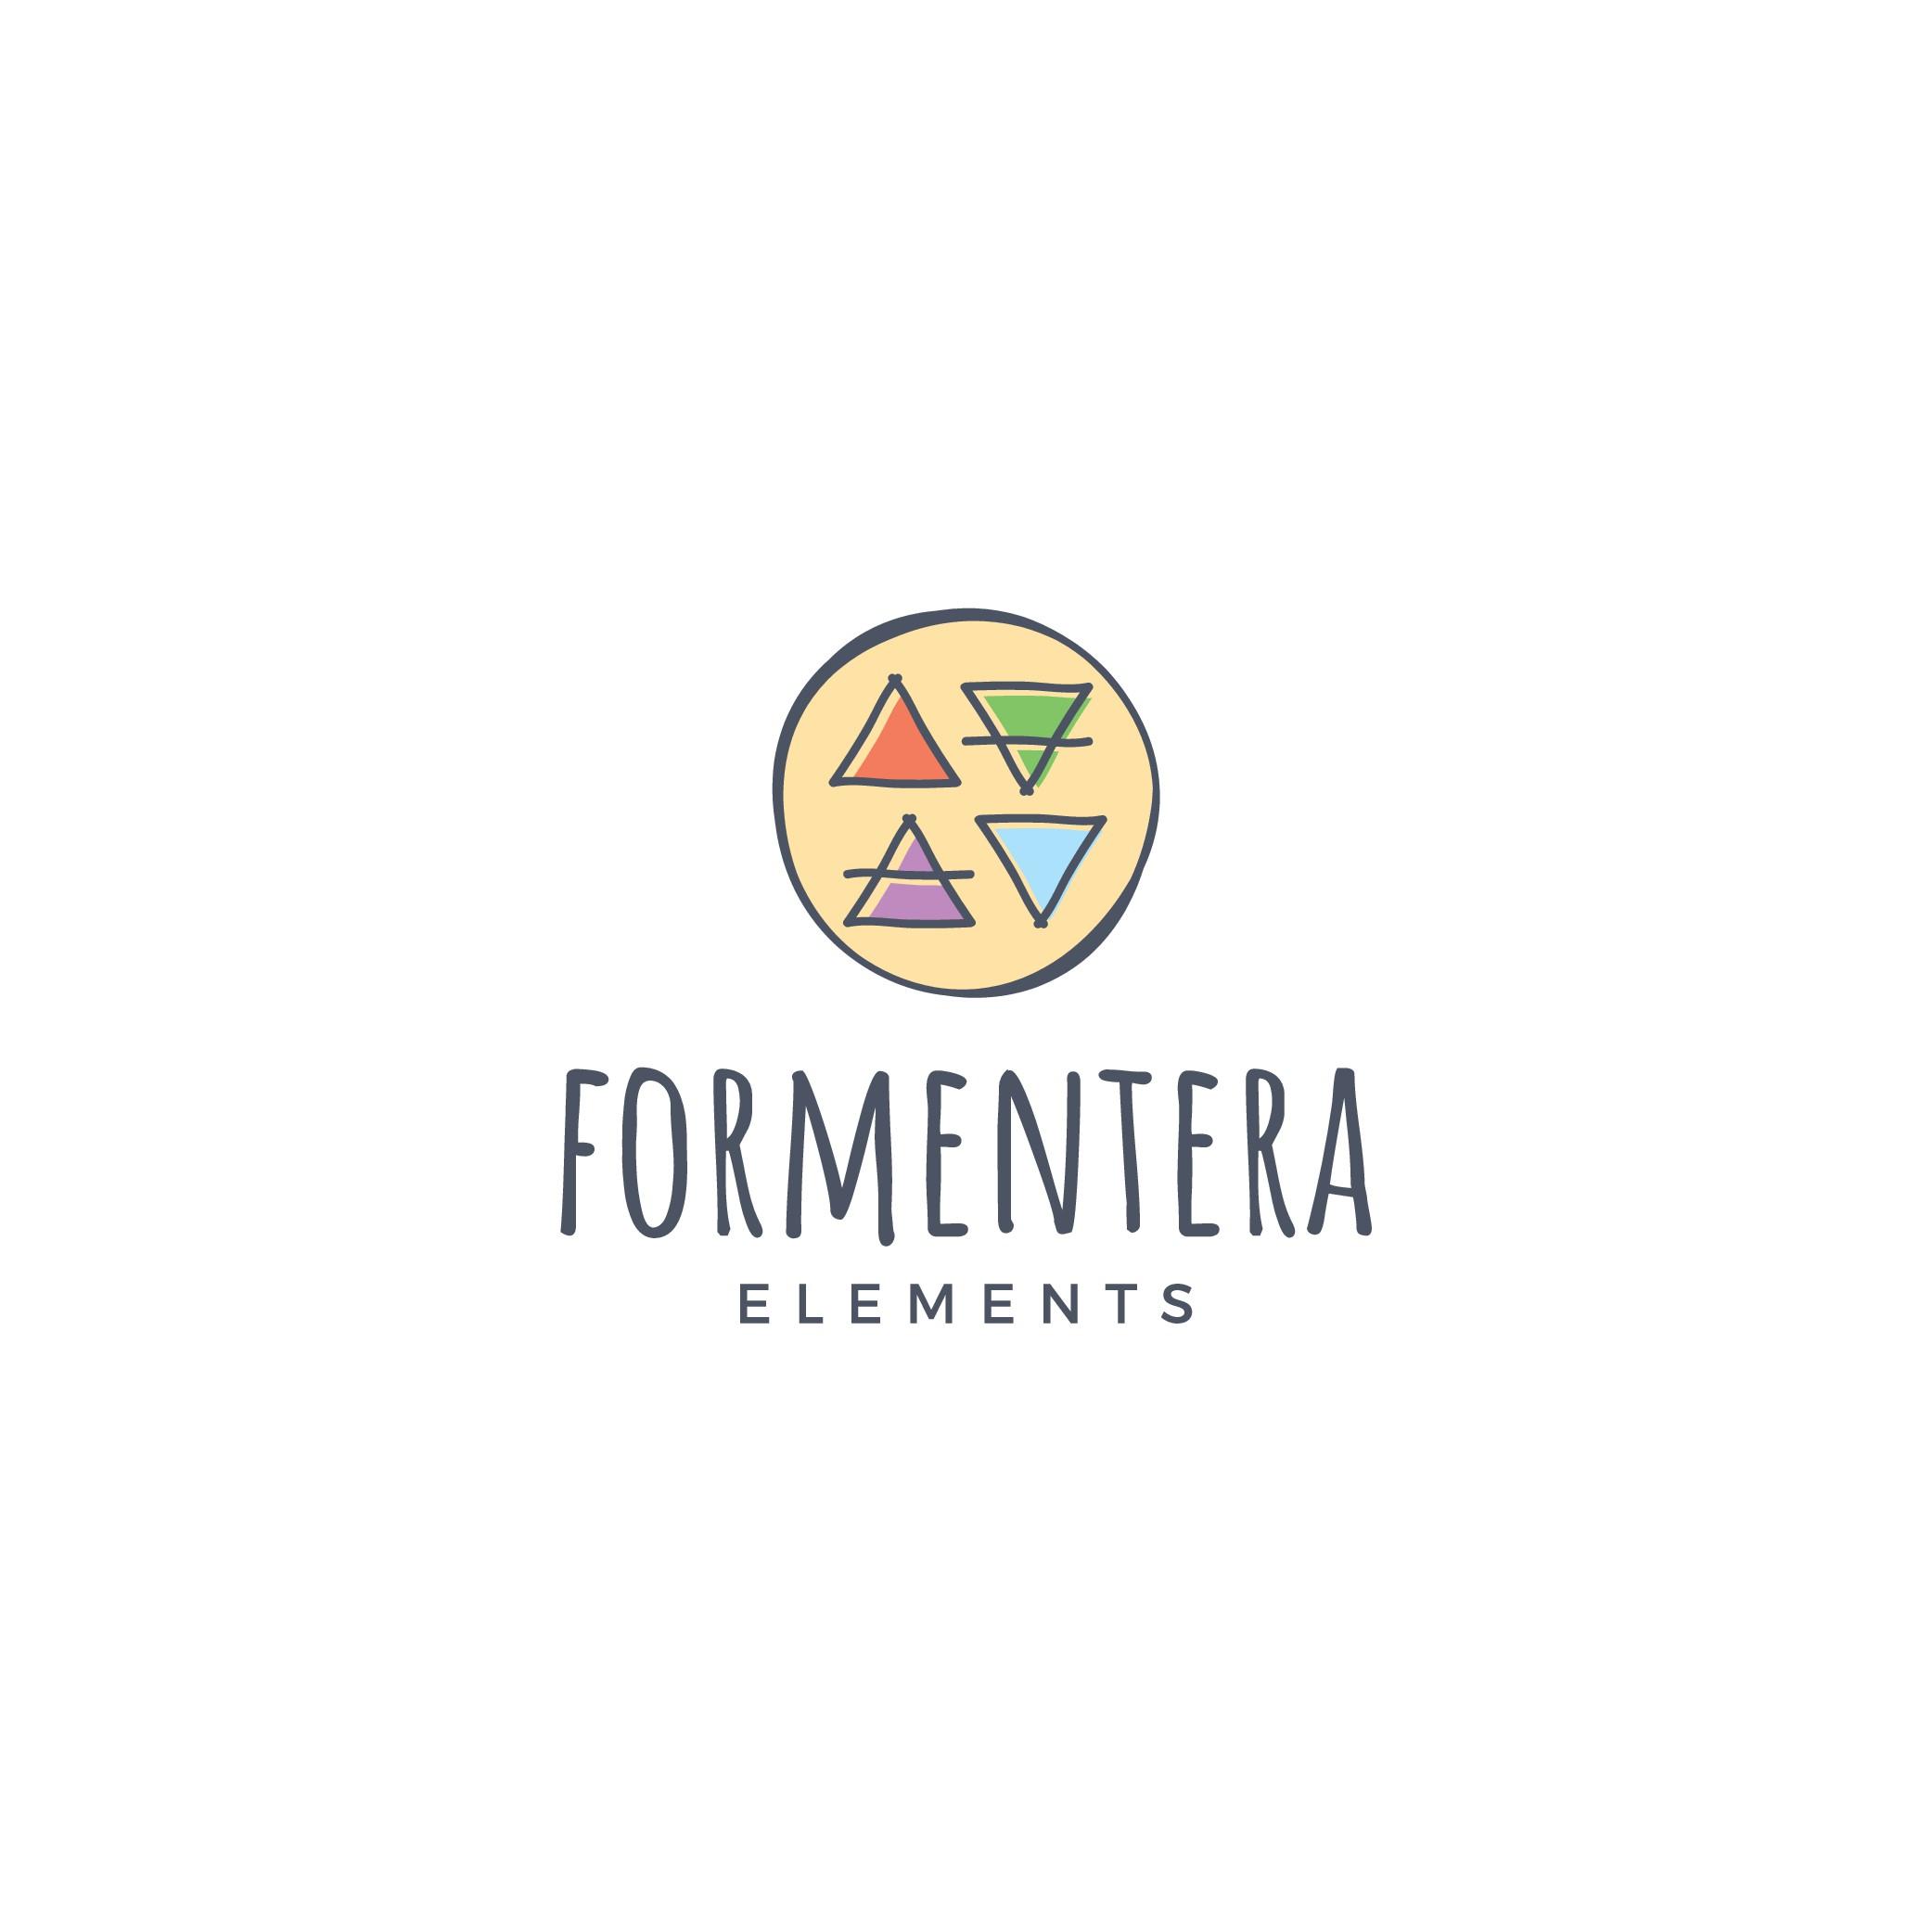 Formentera Elements - Vacation rental company needs new logo :-)